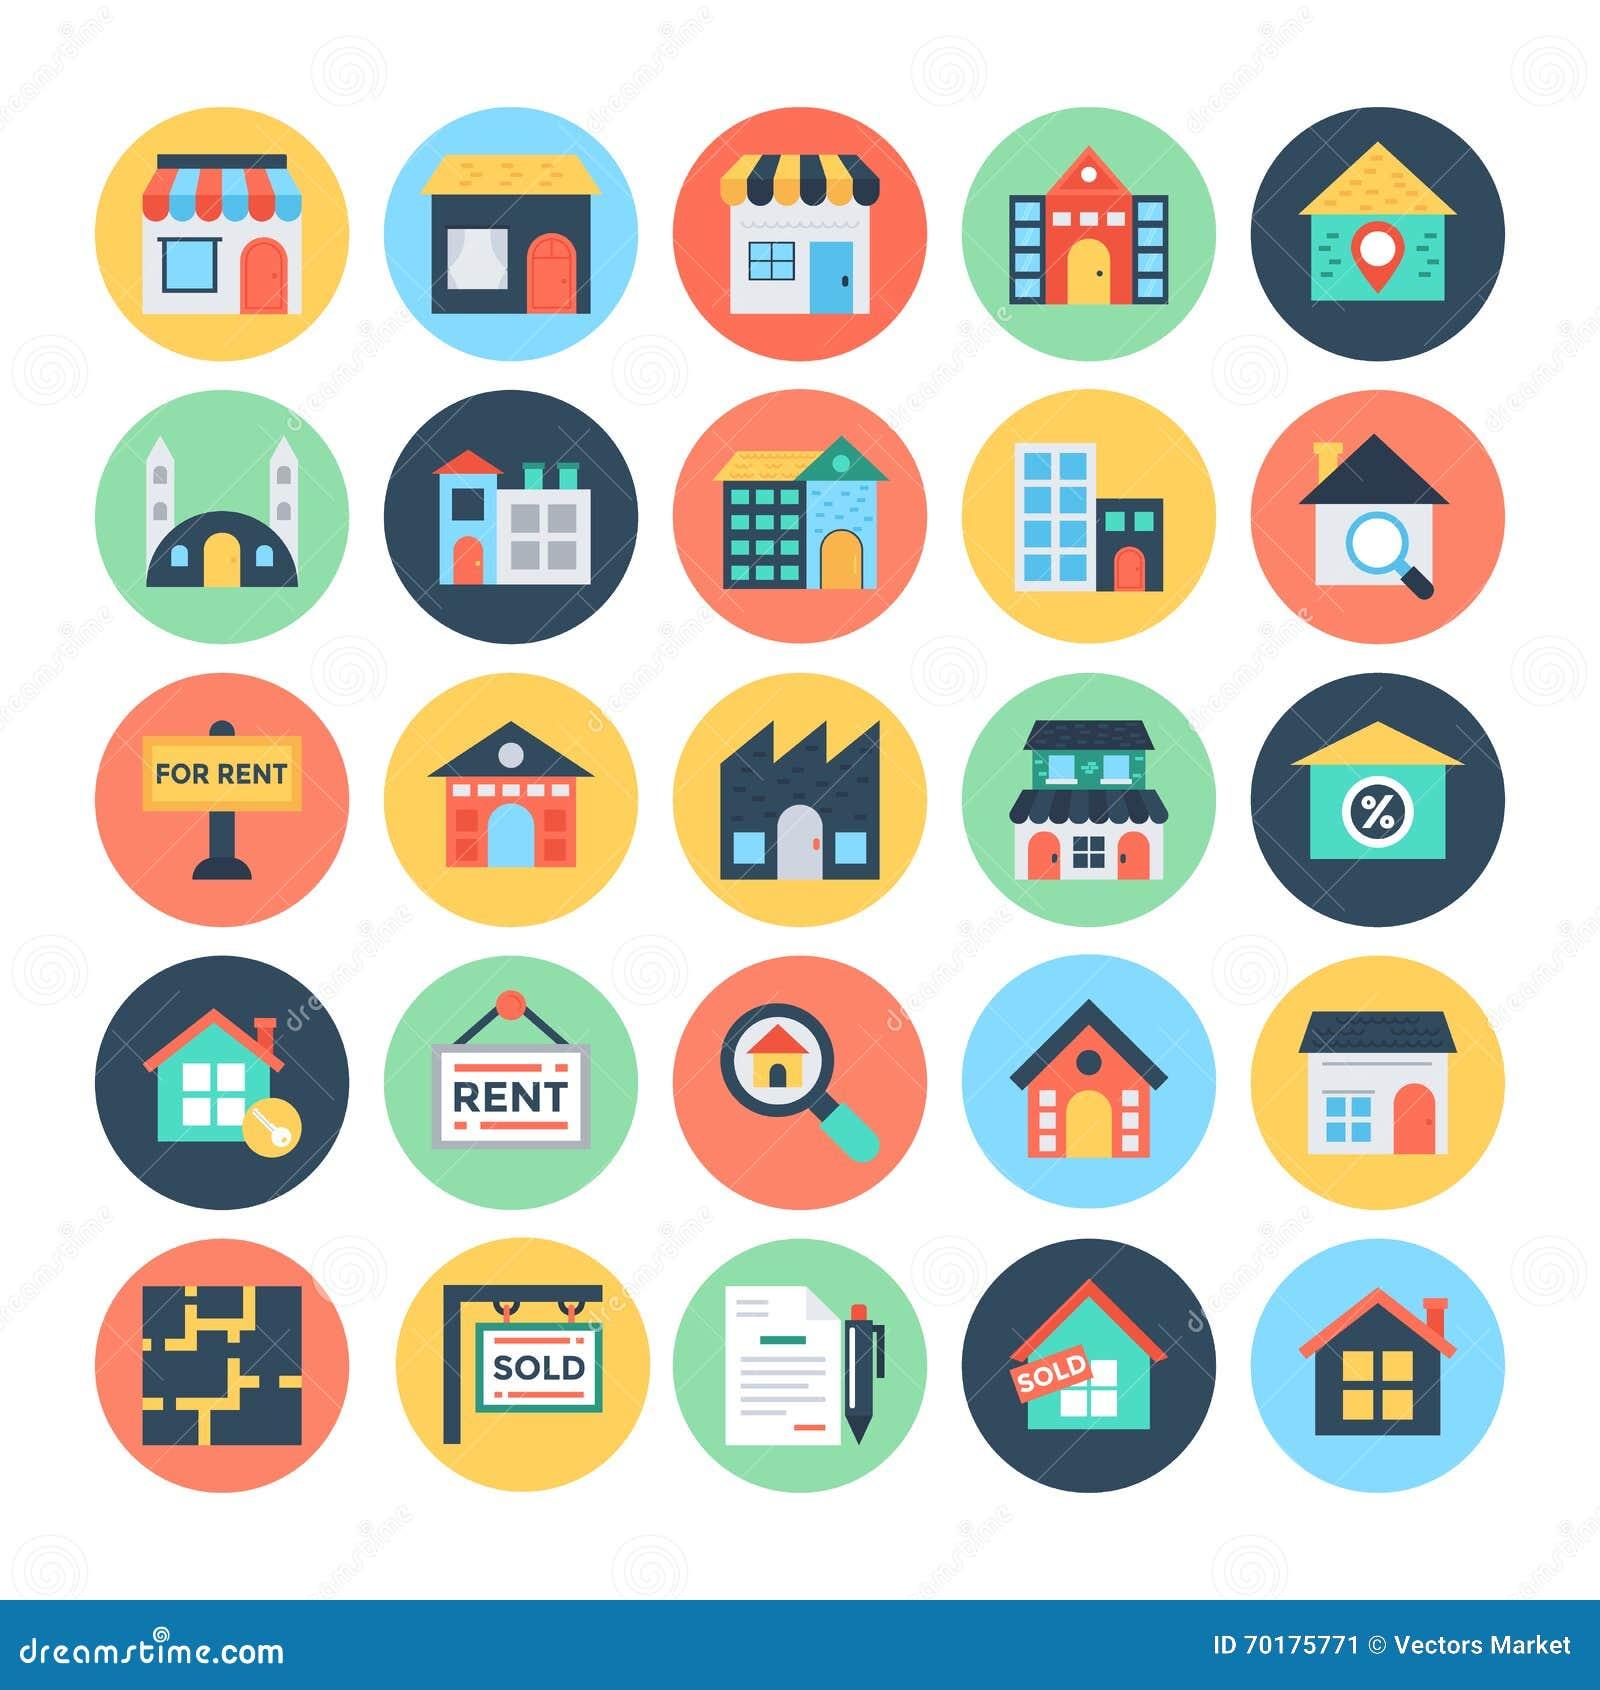 Real Estate dirigent les icônes 1